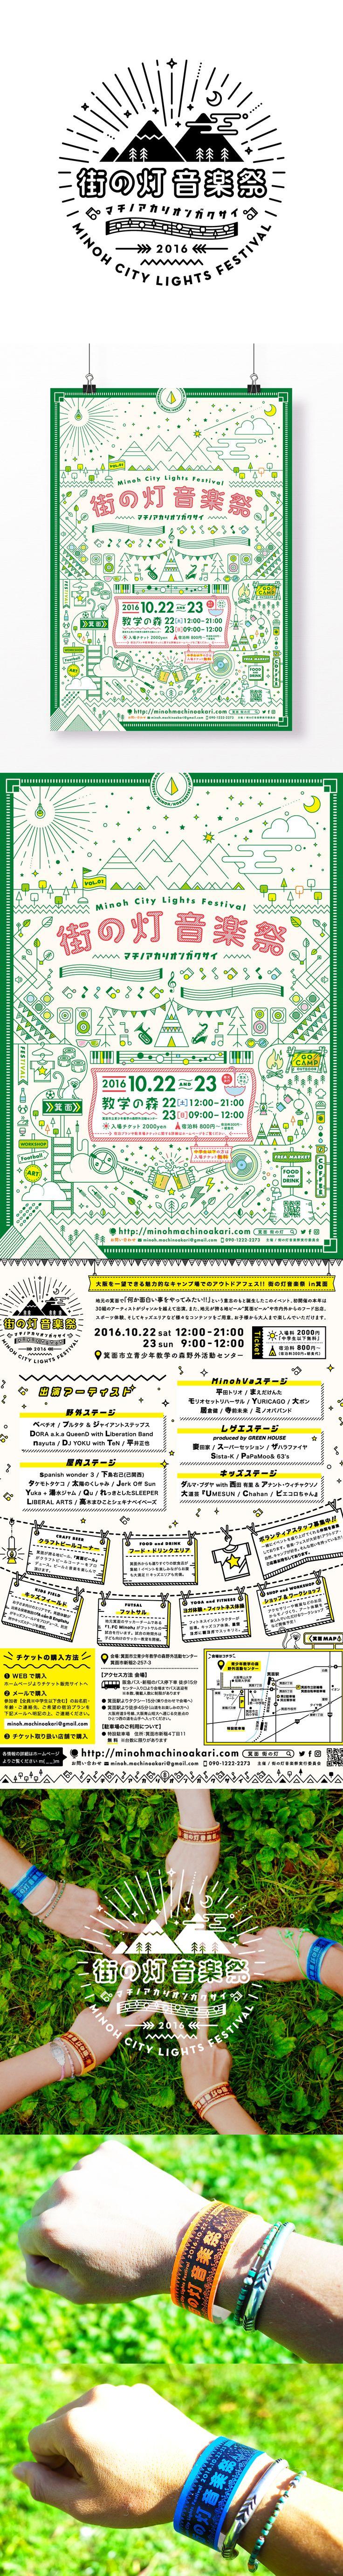 地元開催のイベント『街の灯音楽祭』のデザイン イラスト アートワークを担当。  大阪を一望できる魅力的なキャンプ場でのアウトドアフェス!! 街の灯音楽祭 in箕面 地元の箕面で『何か面白い事をやってみたい!!』という意志のもと誕生したこのイベント。 初開催の本年は30組のアーティストがジャンルを越えて出演。 さらに地元が誇る地ビール箕面ビールや市#ロゴ #デザイン #イラスト #イベント#線画 #アイコン #ドローイング #アウトドア #ブランディング #logo #design #illustration #event #line #icon #drawing #outdoor #branding